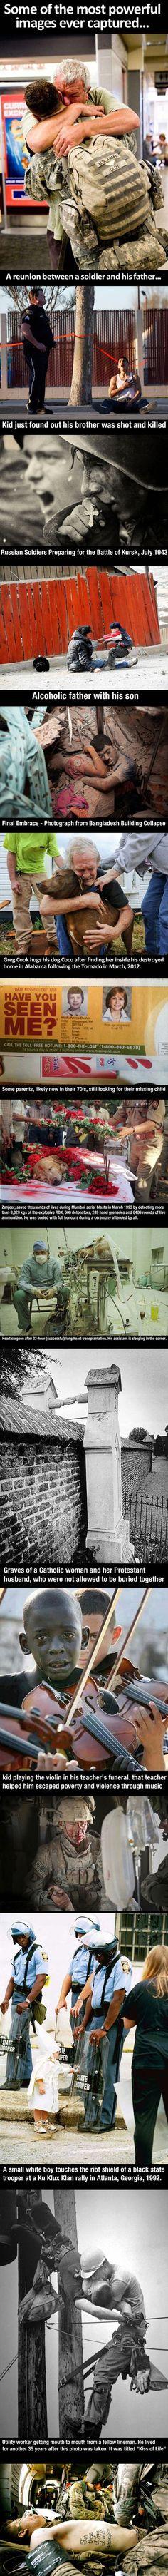 15 fotografías de gran alcance ... WOW: